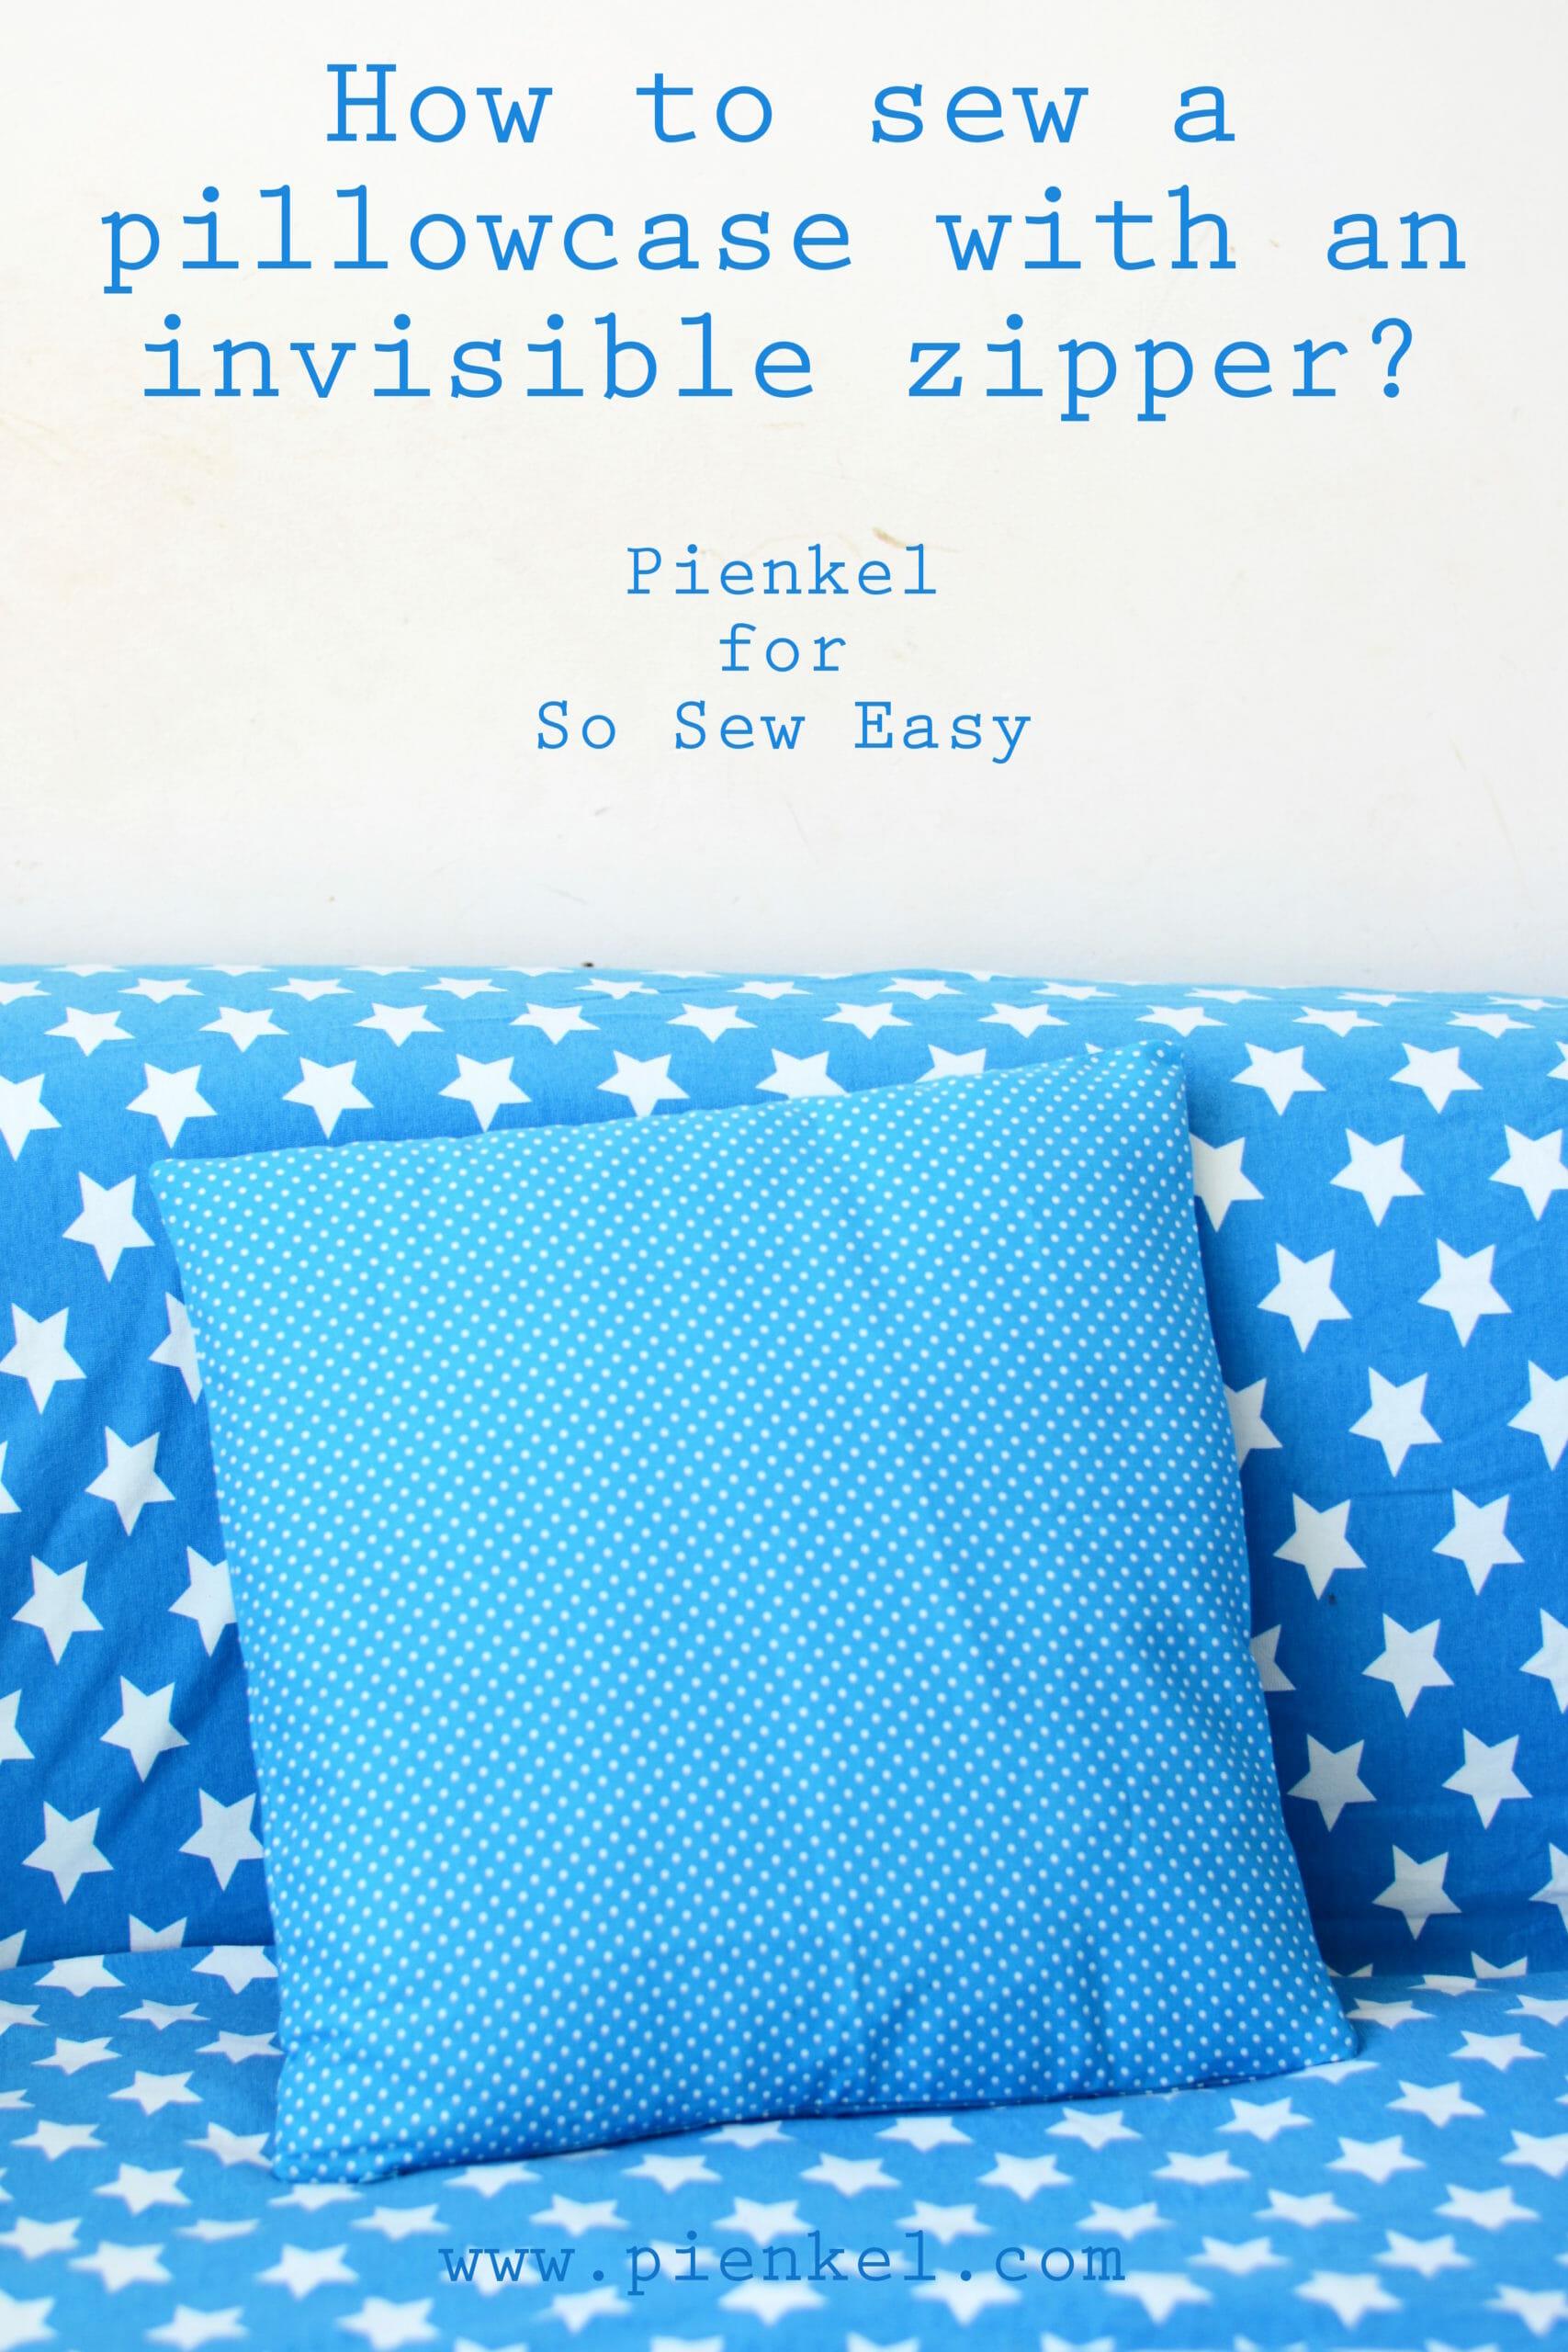 Pienkel Invisible Zipper Pillowcase Tutorial